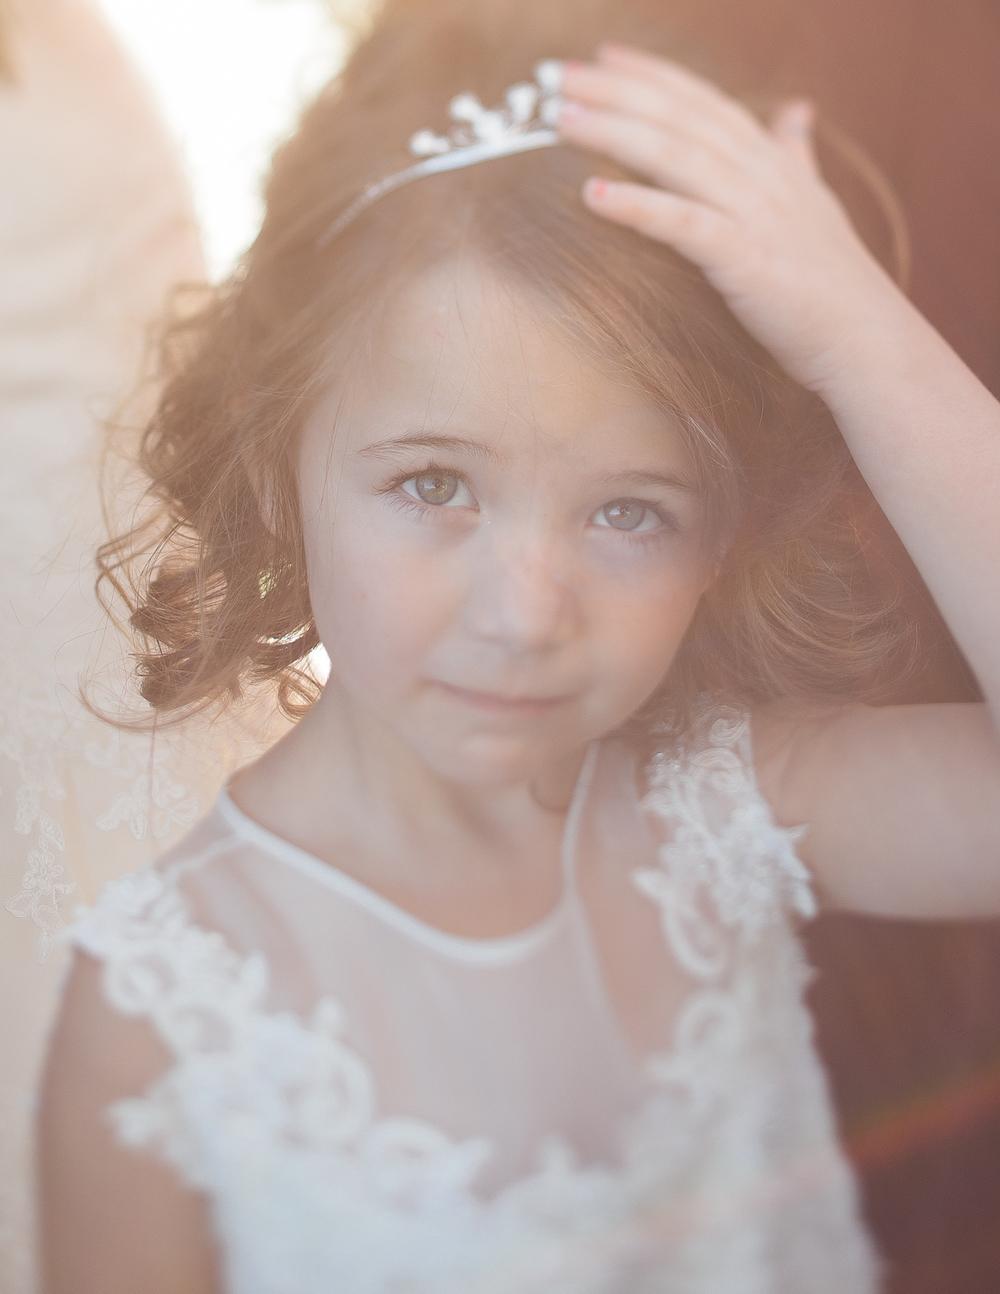 Allison_ZauchaPhotography_wedding_photography-132.jpg